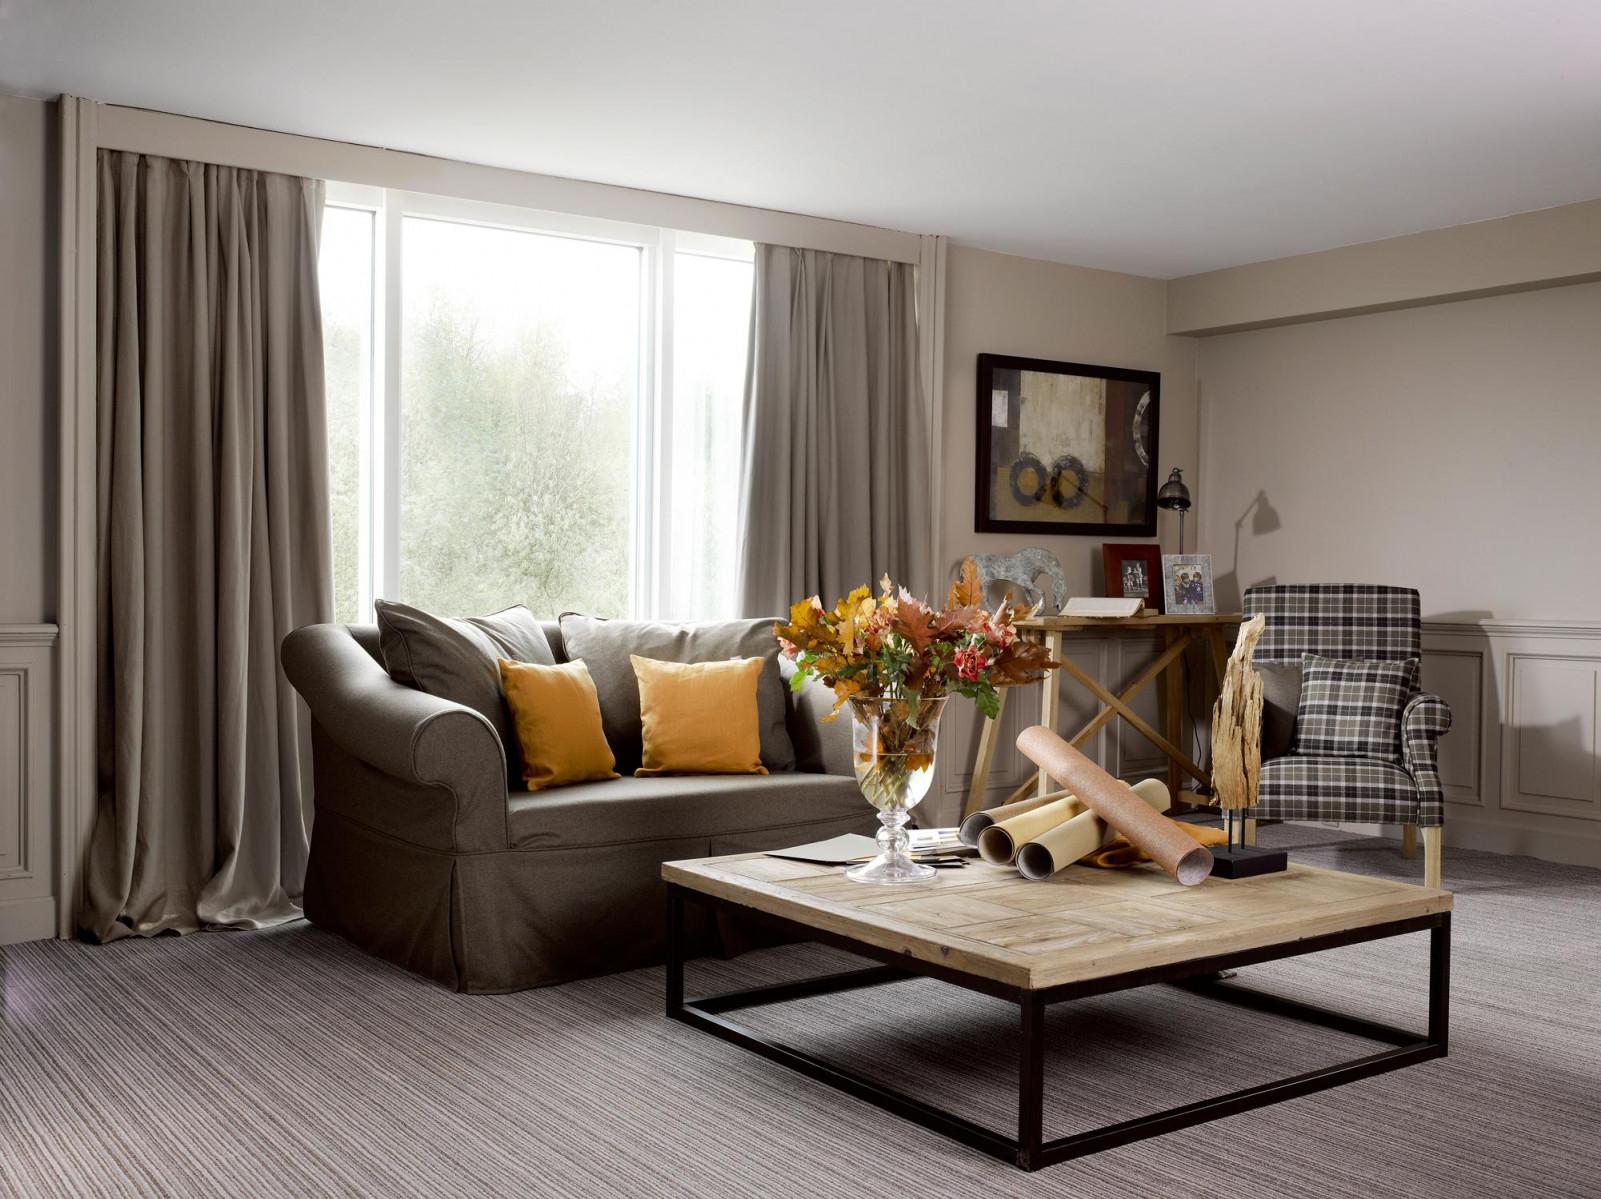 Wohnzimmer Mit Natürlichen Farbtönen Gestalten Couc von Wohnzimmer Mit Teppich Gestalten Bild